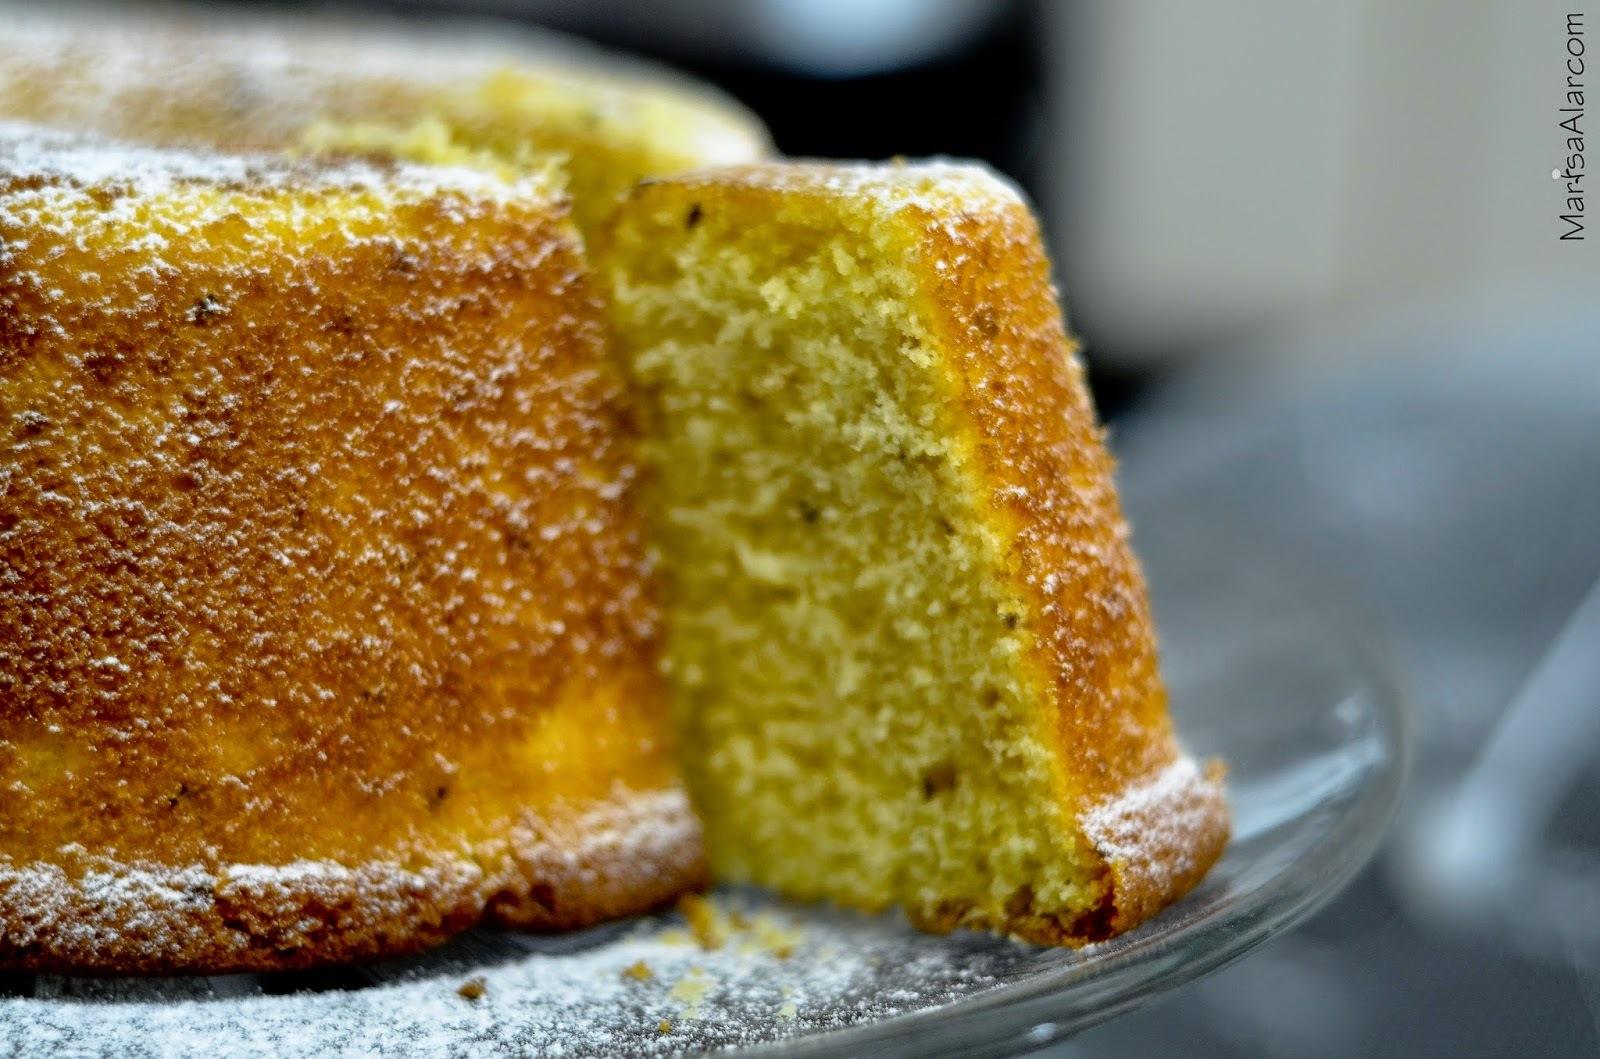 bolo de polvilho assado com erva doce